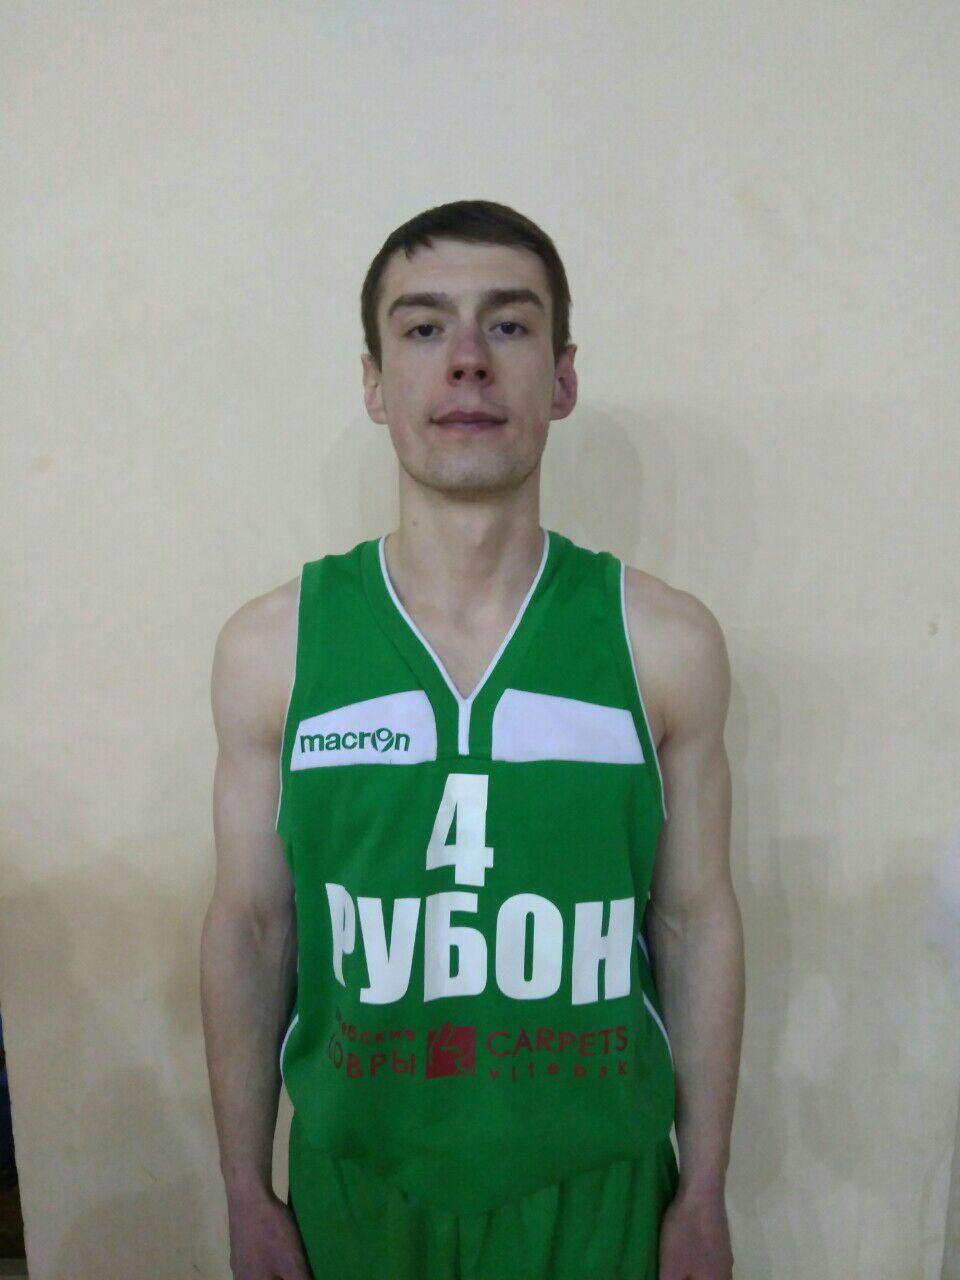 Рубон Евгений Смирнов